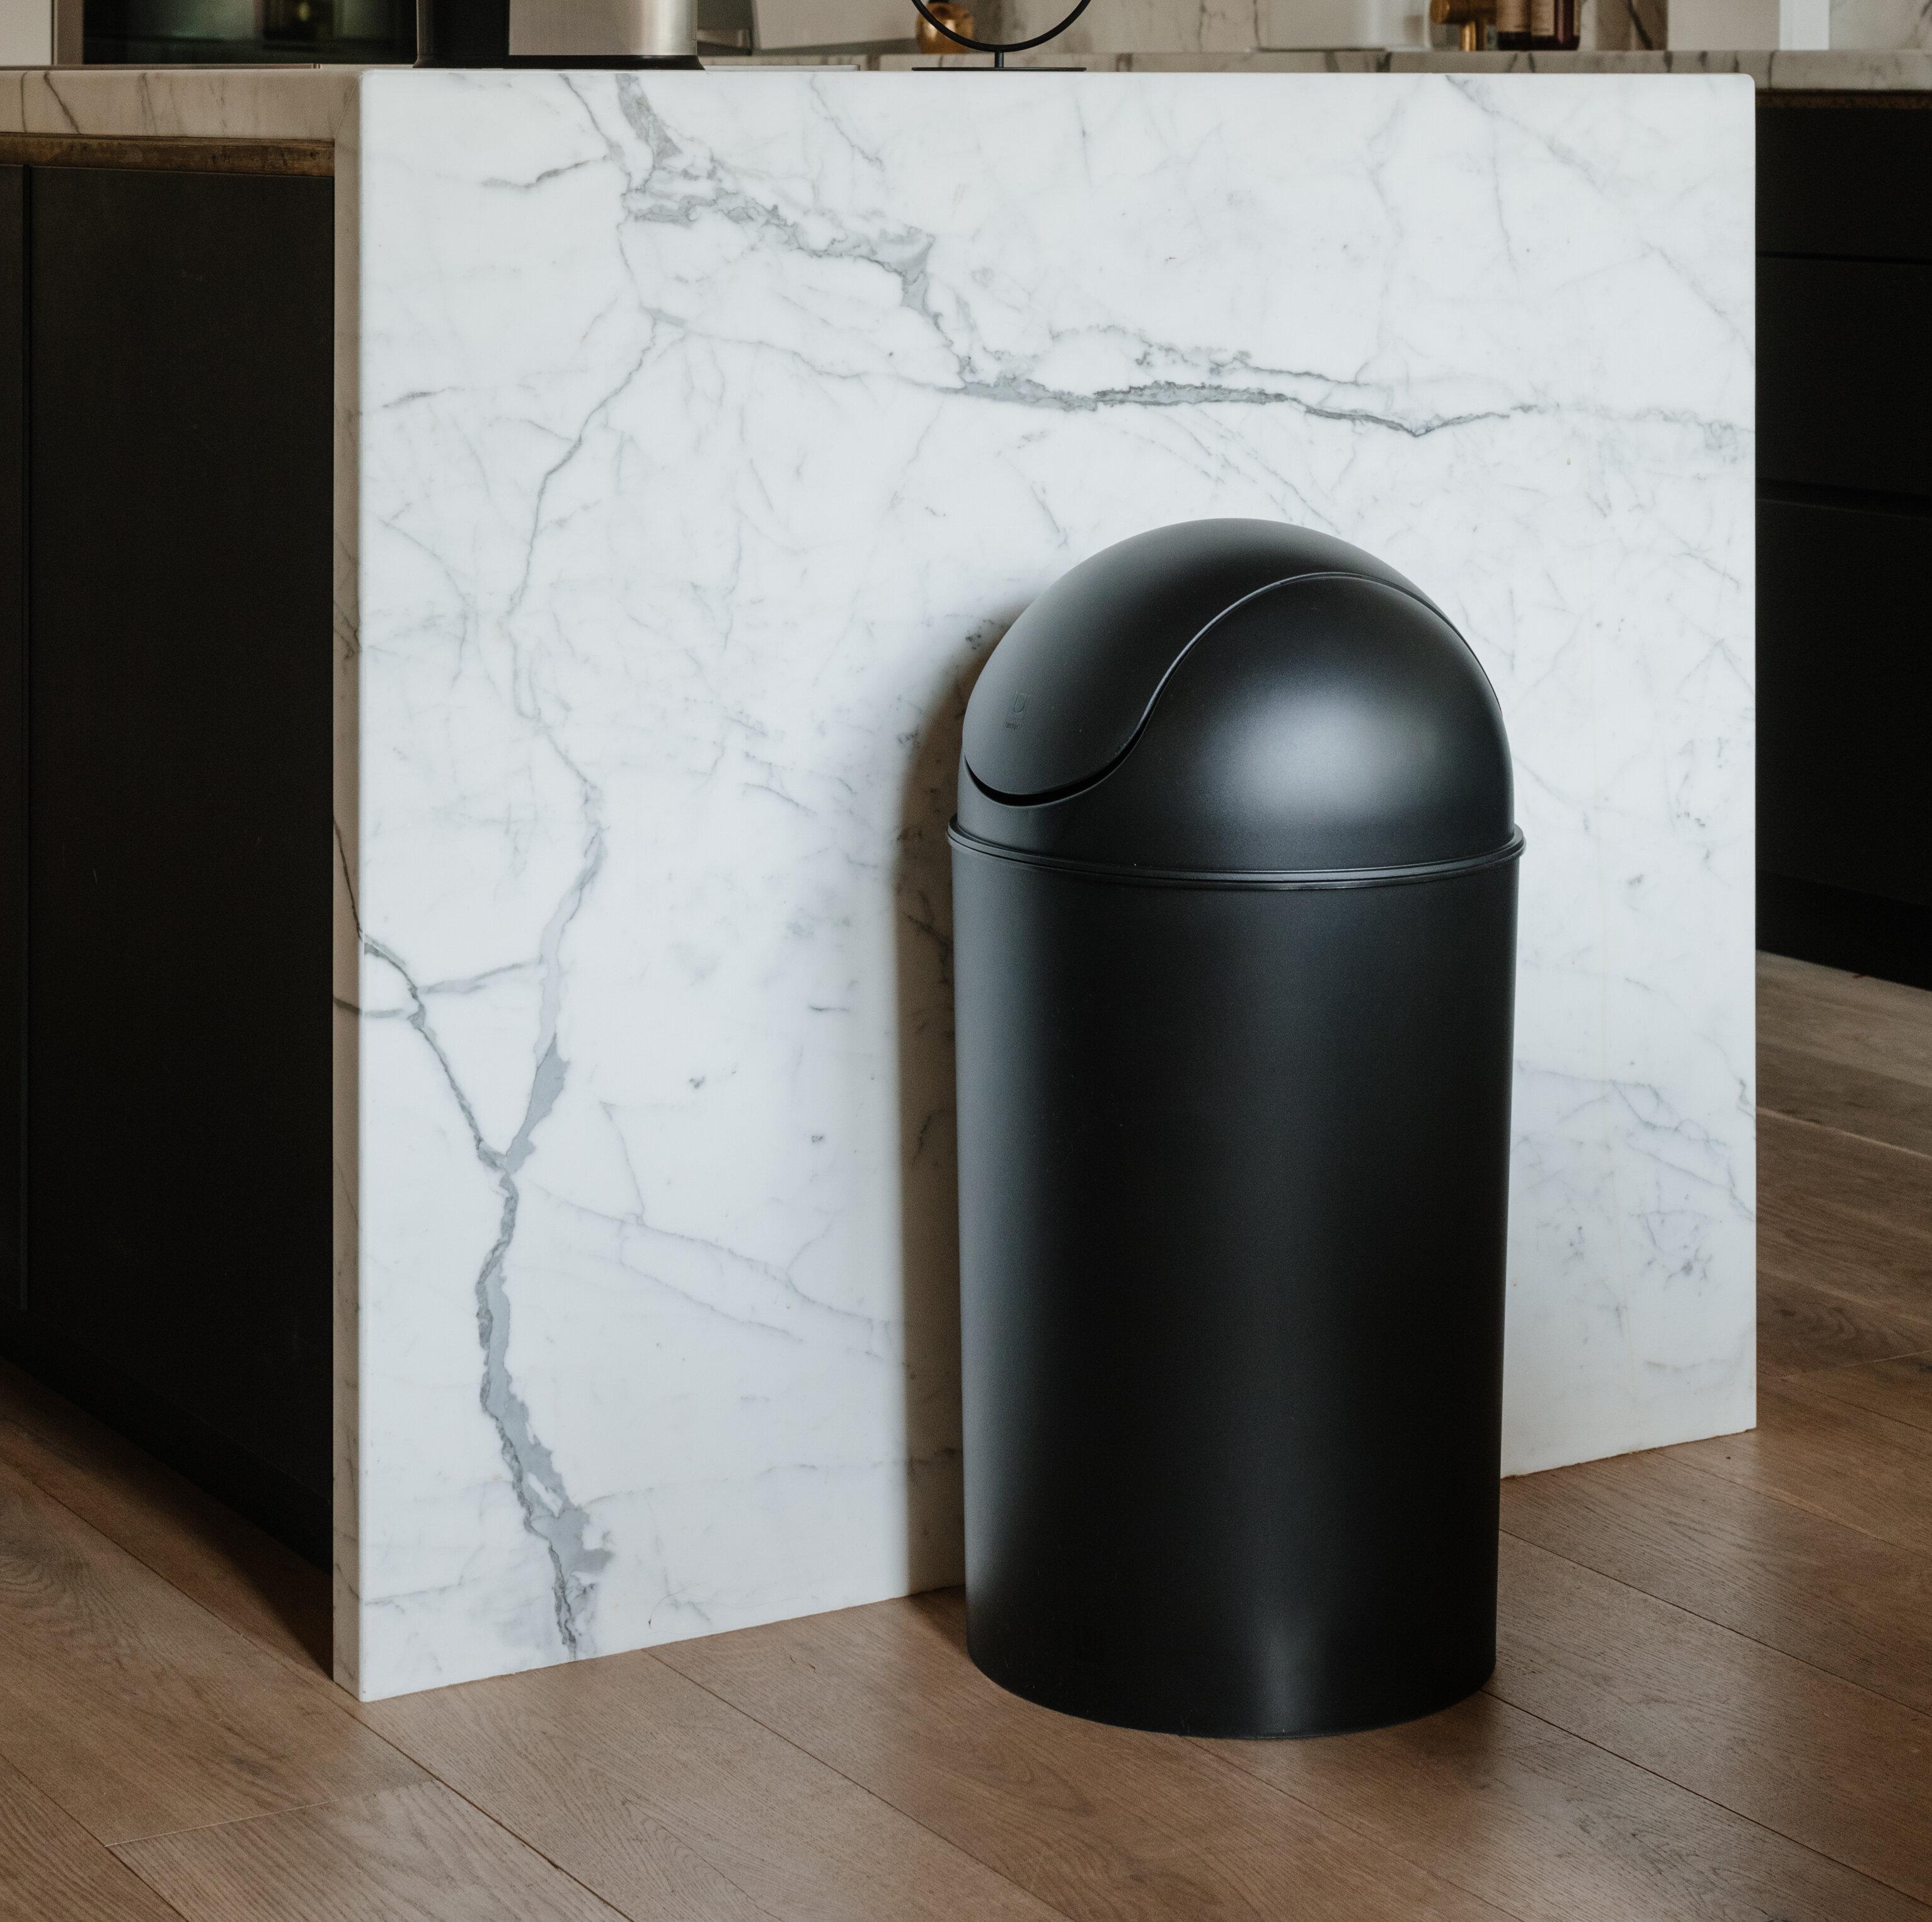 Umbra Grand Plastic 10 Gallon Swing Top Trash Can Reviews Wayfair Ca